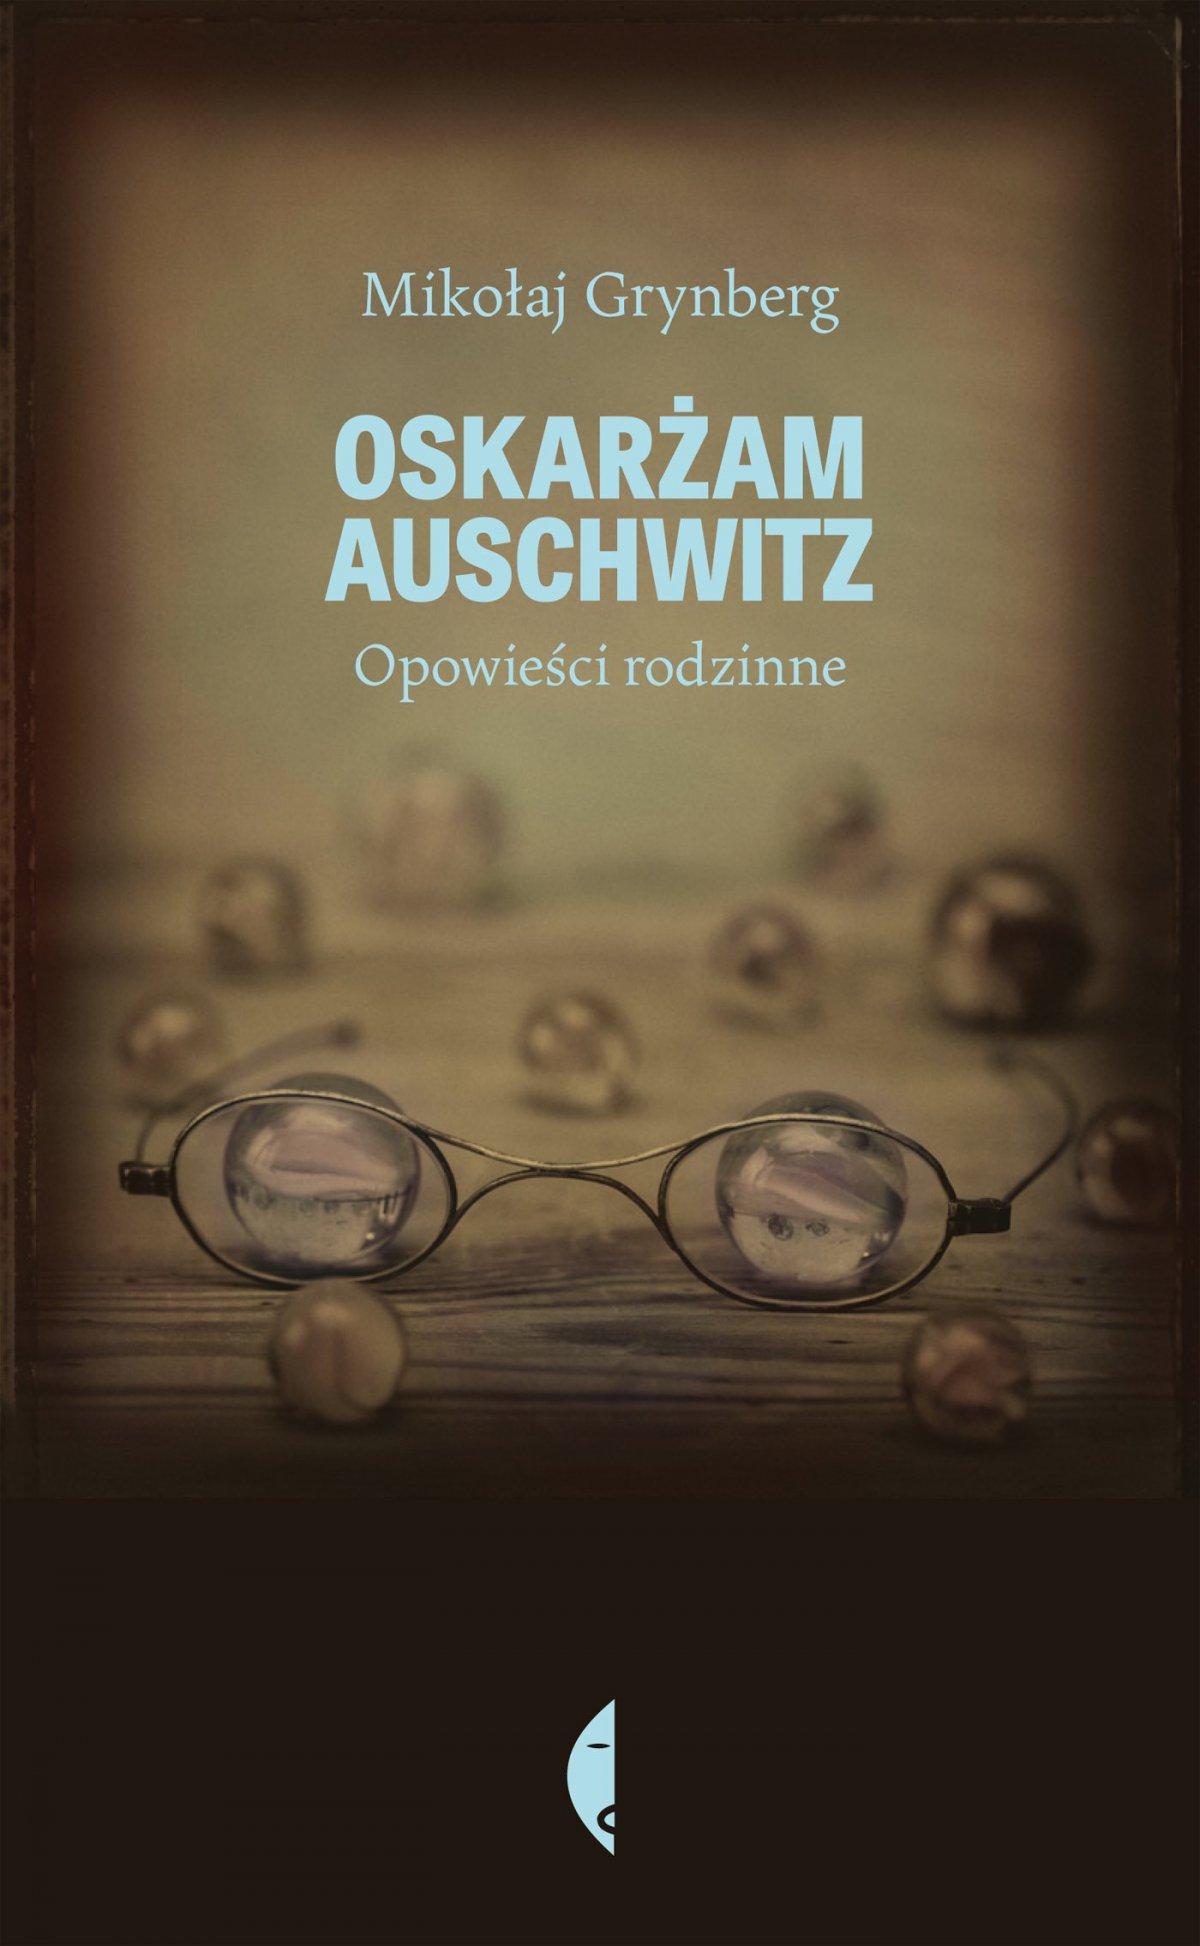 Oskarżam Auschwitz - Ebook (Książka EPUB) do pobrania w formacie EPUB